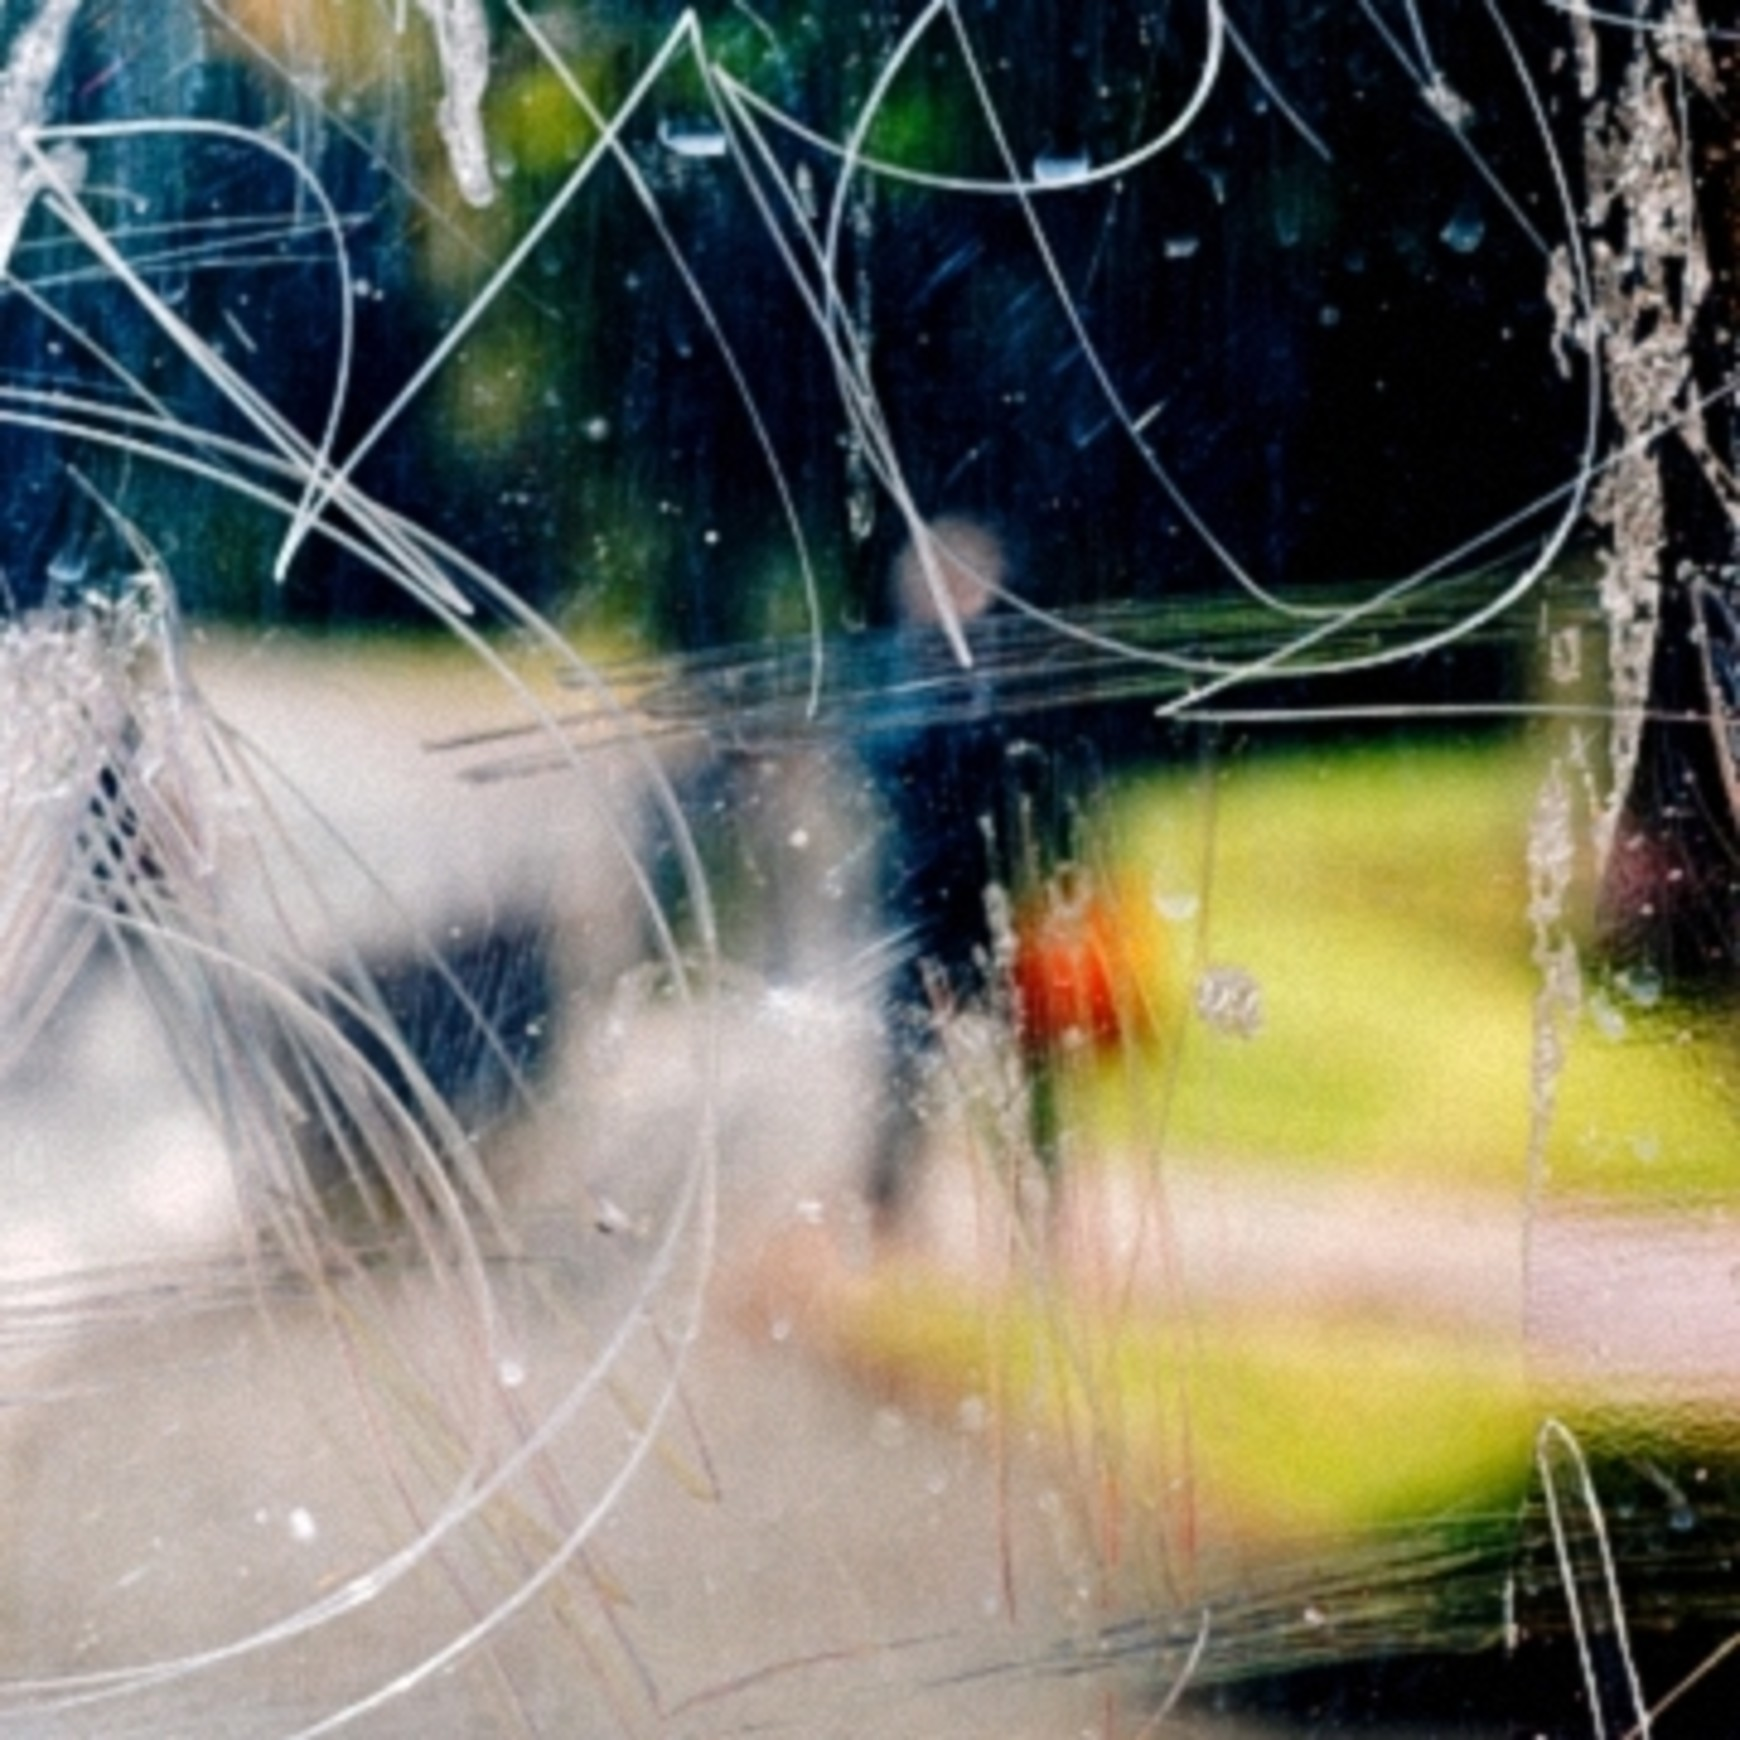 Bus Stop, il progetto anti-fotografico di Stephen Calcutt | Collater.al 6